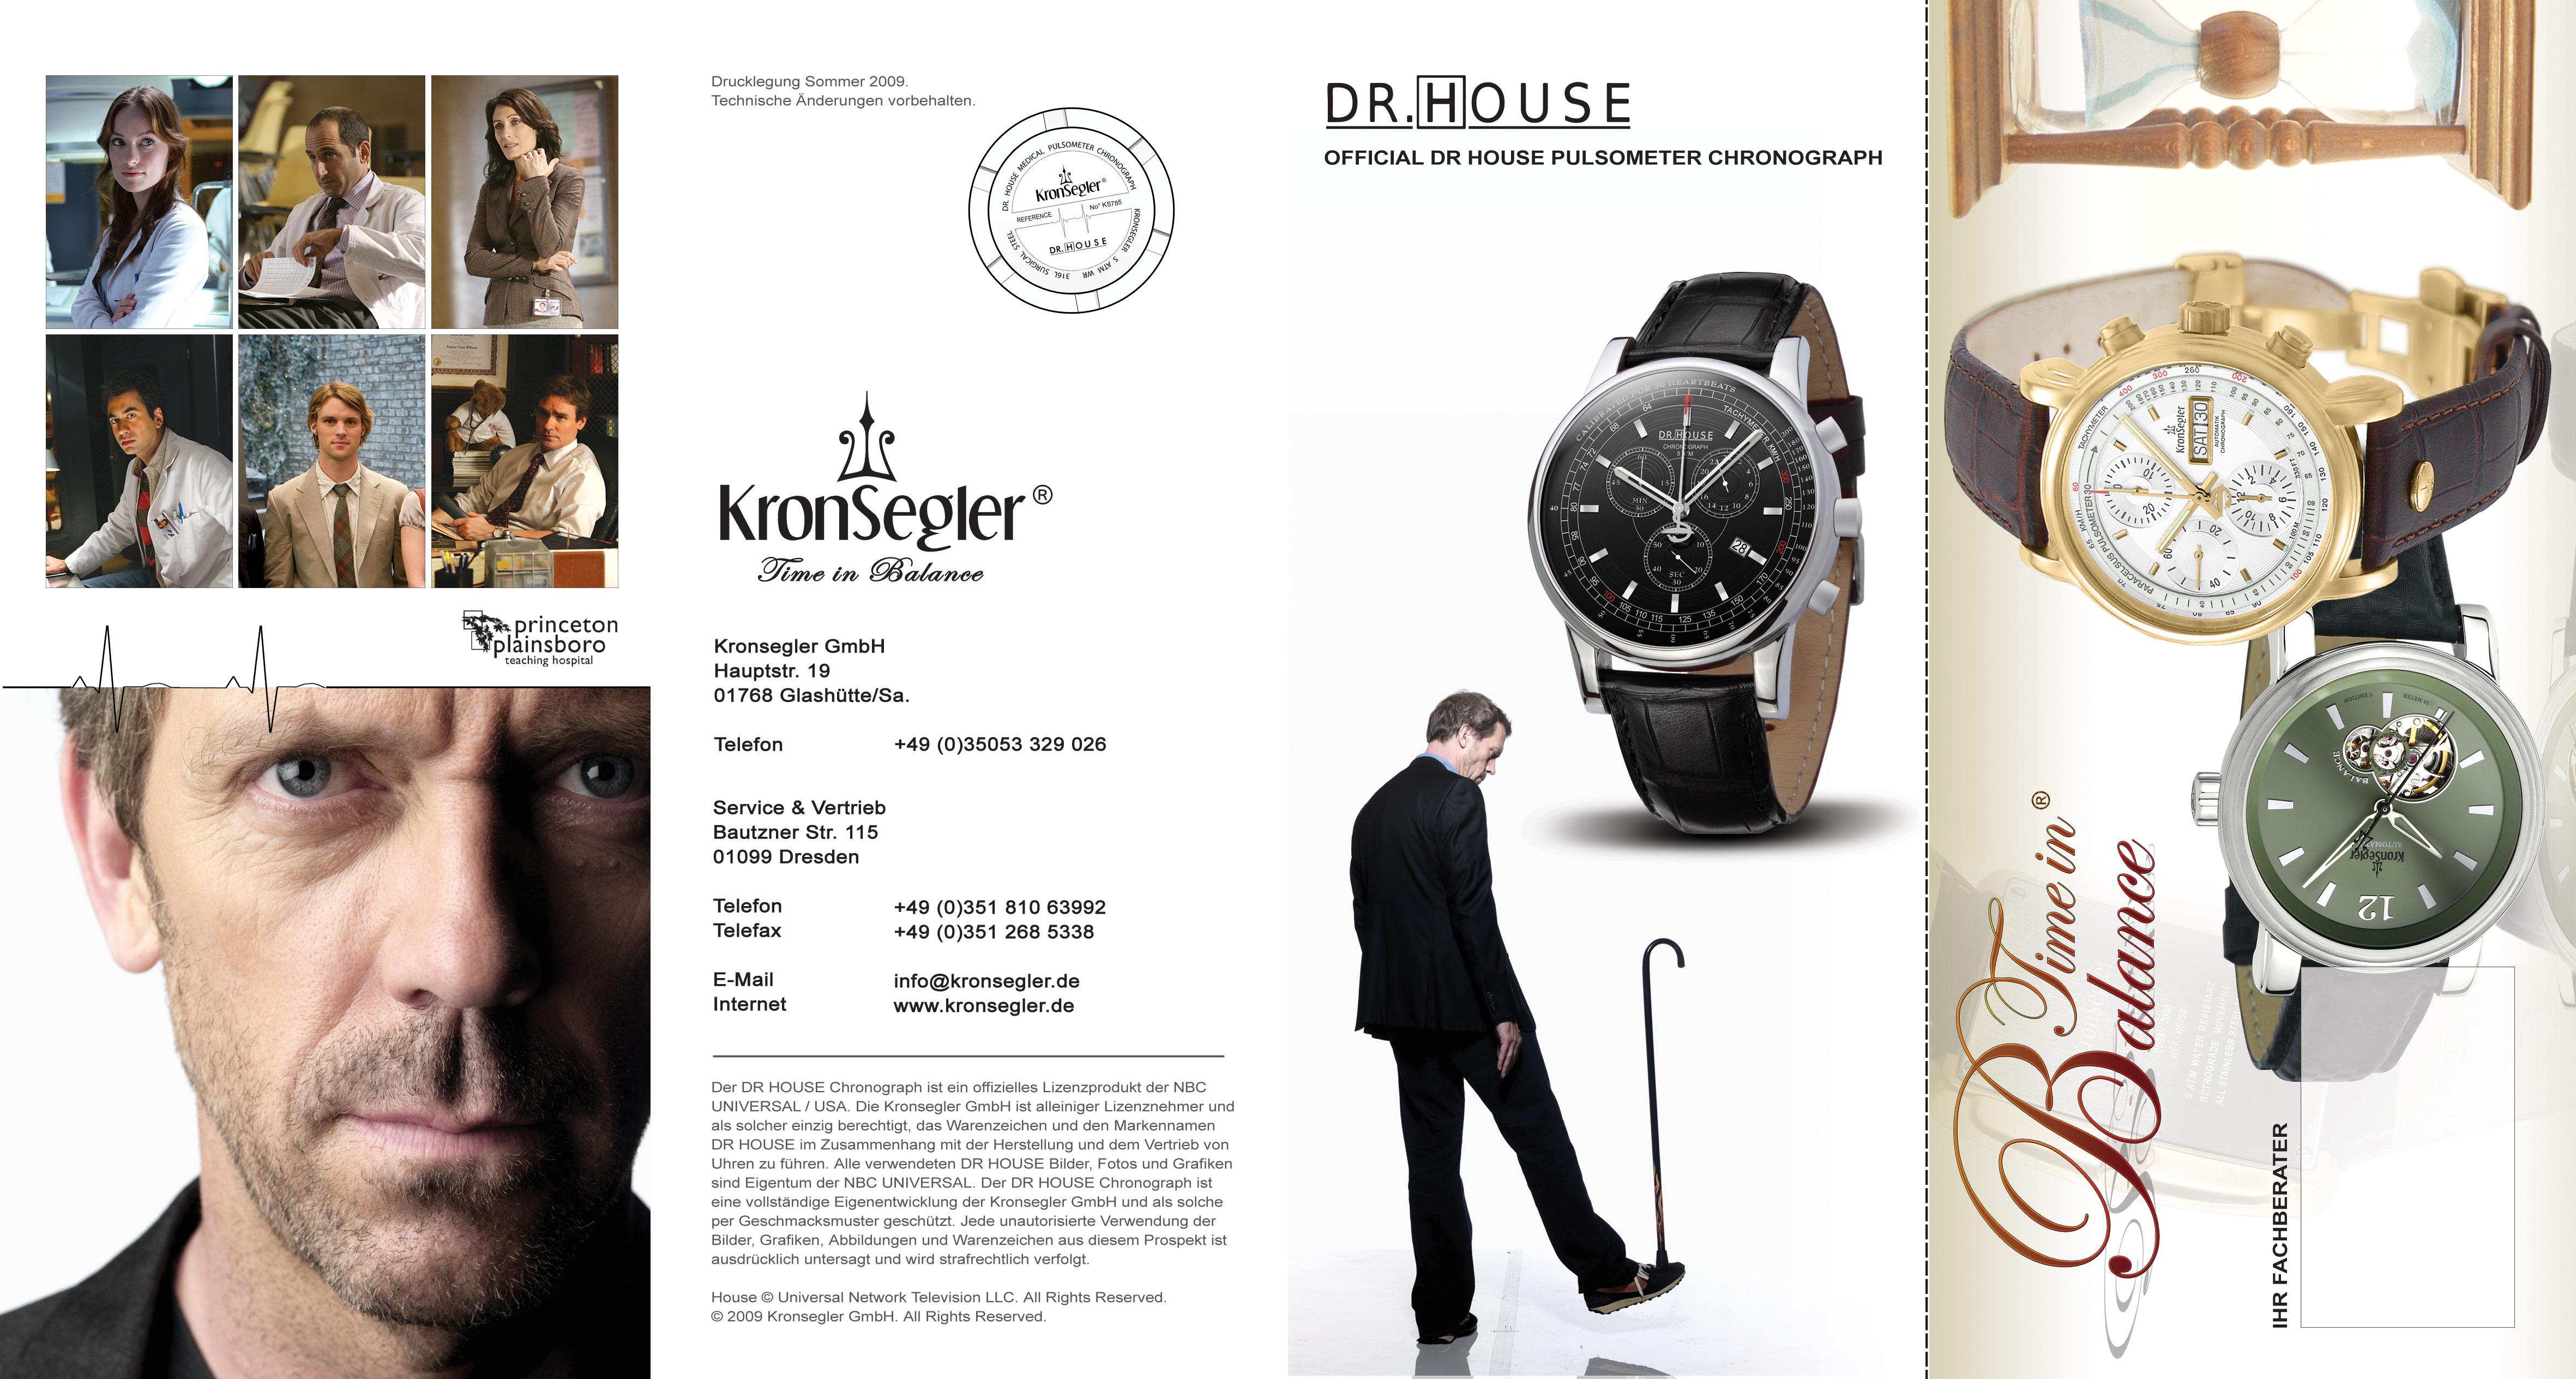 dr house house md damenchronograph dr house uhren. Black Bedroom Furniture Sets. Home Design Ideas